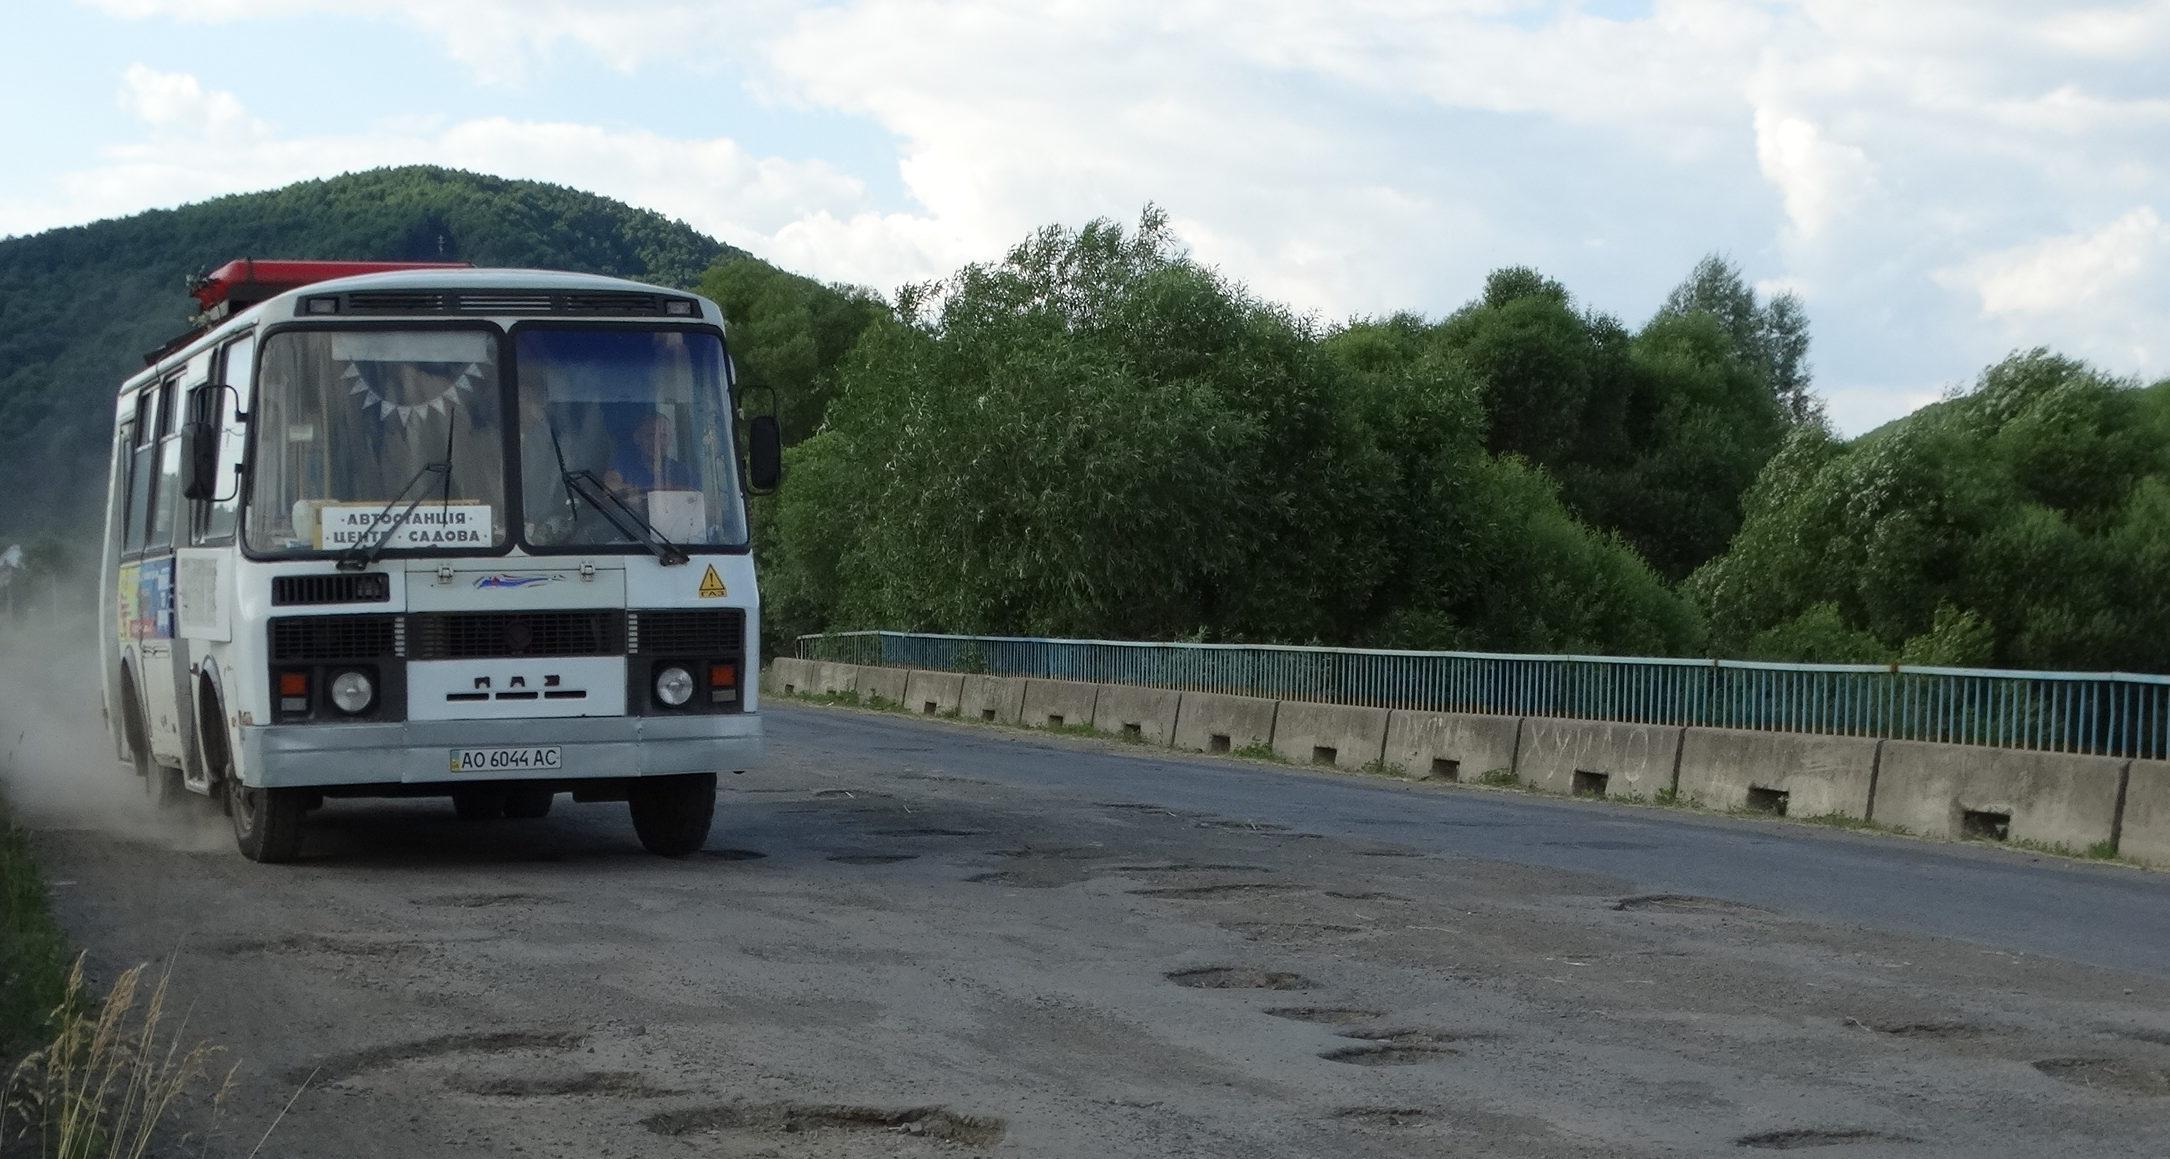 Ukraińskie drogi – czy naprawdę jest tak źle? Cała prawda.